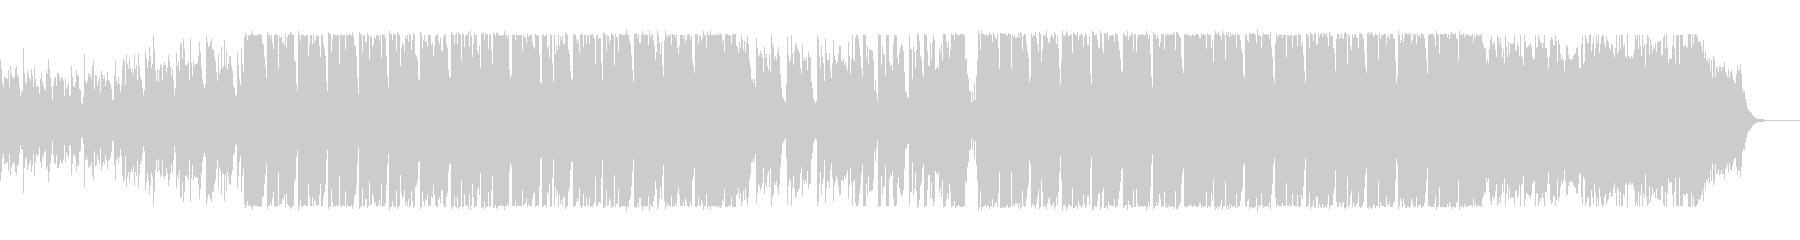 レトロな電子音系、80sポップスの未再生の波形